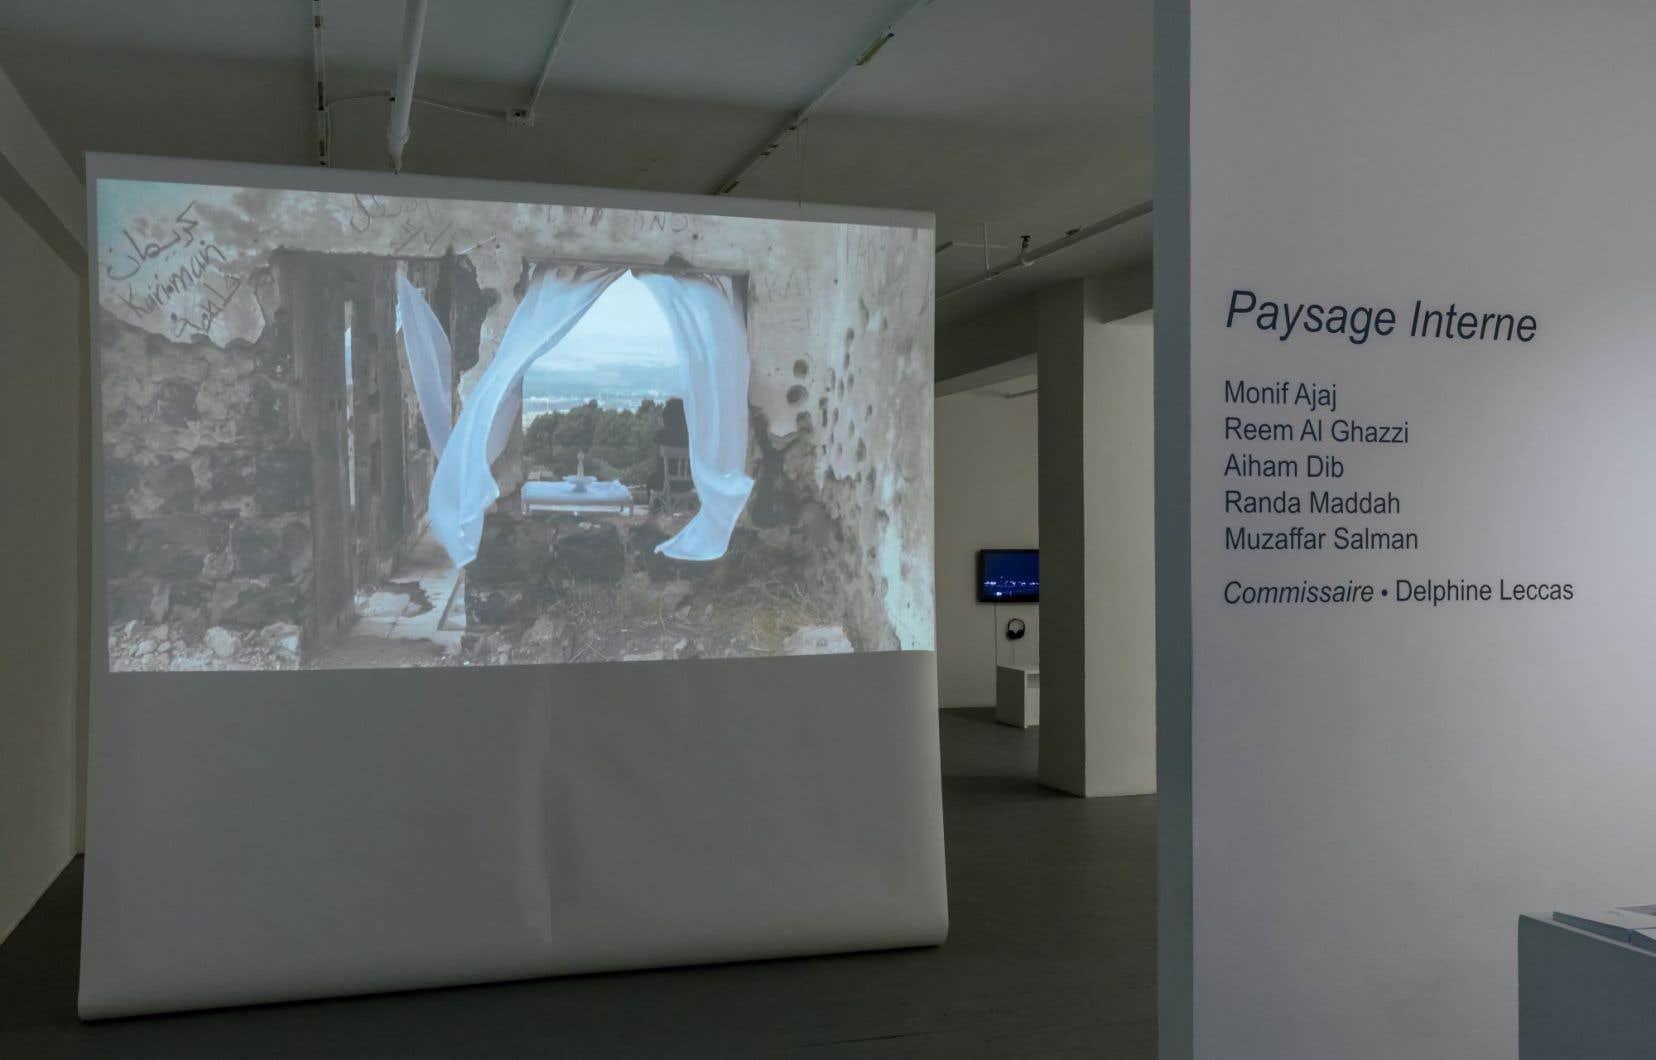 L'exposition Paysage interne rappelle durement que l'expérience de la guerre dépasse les clichés réducteurs.